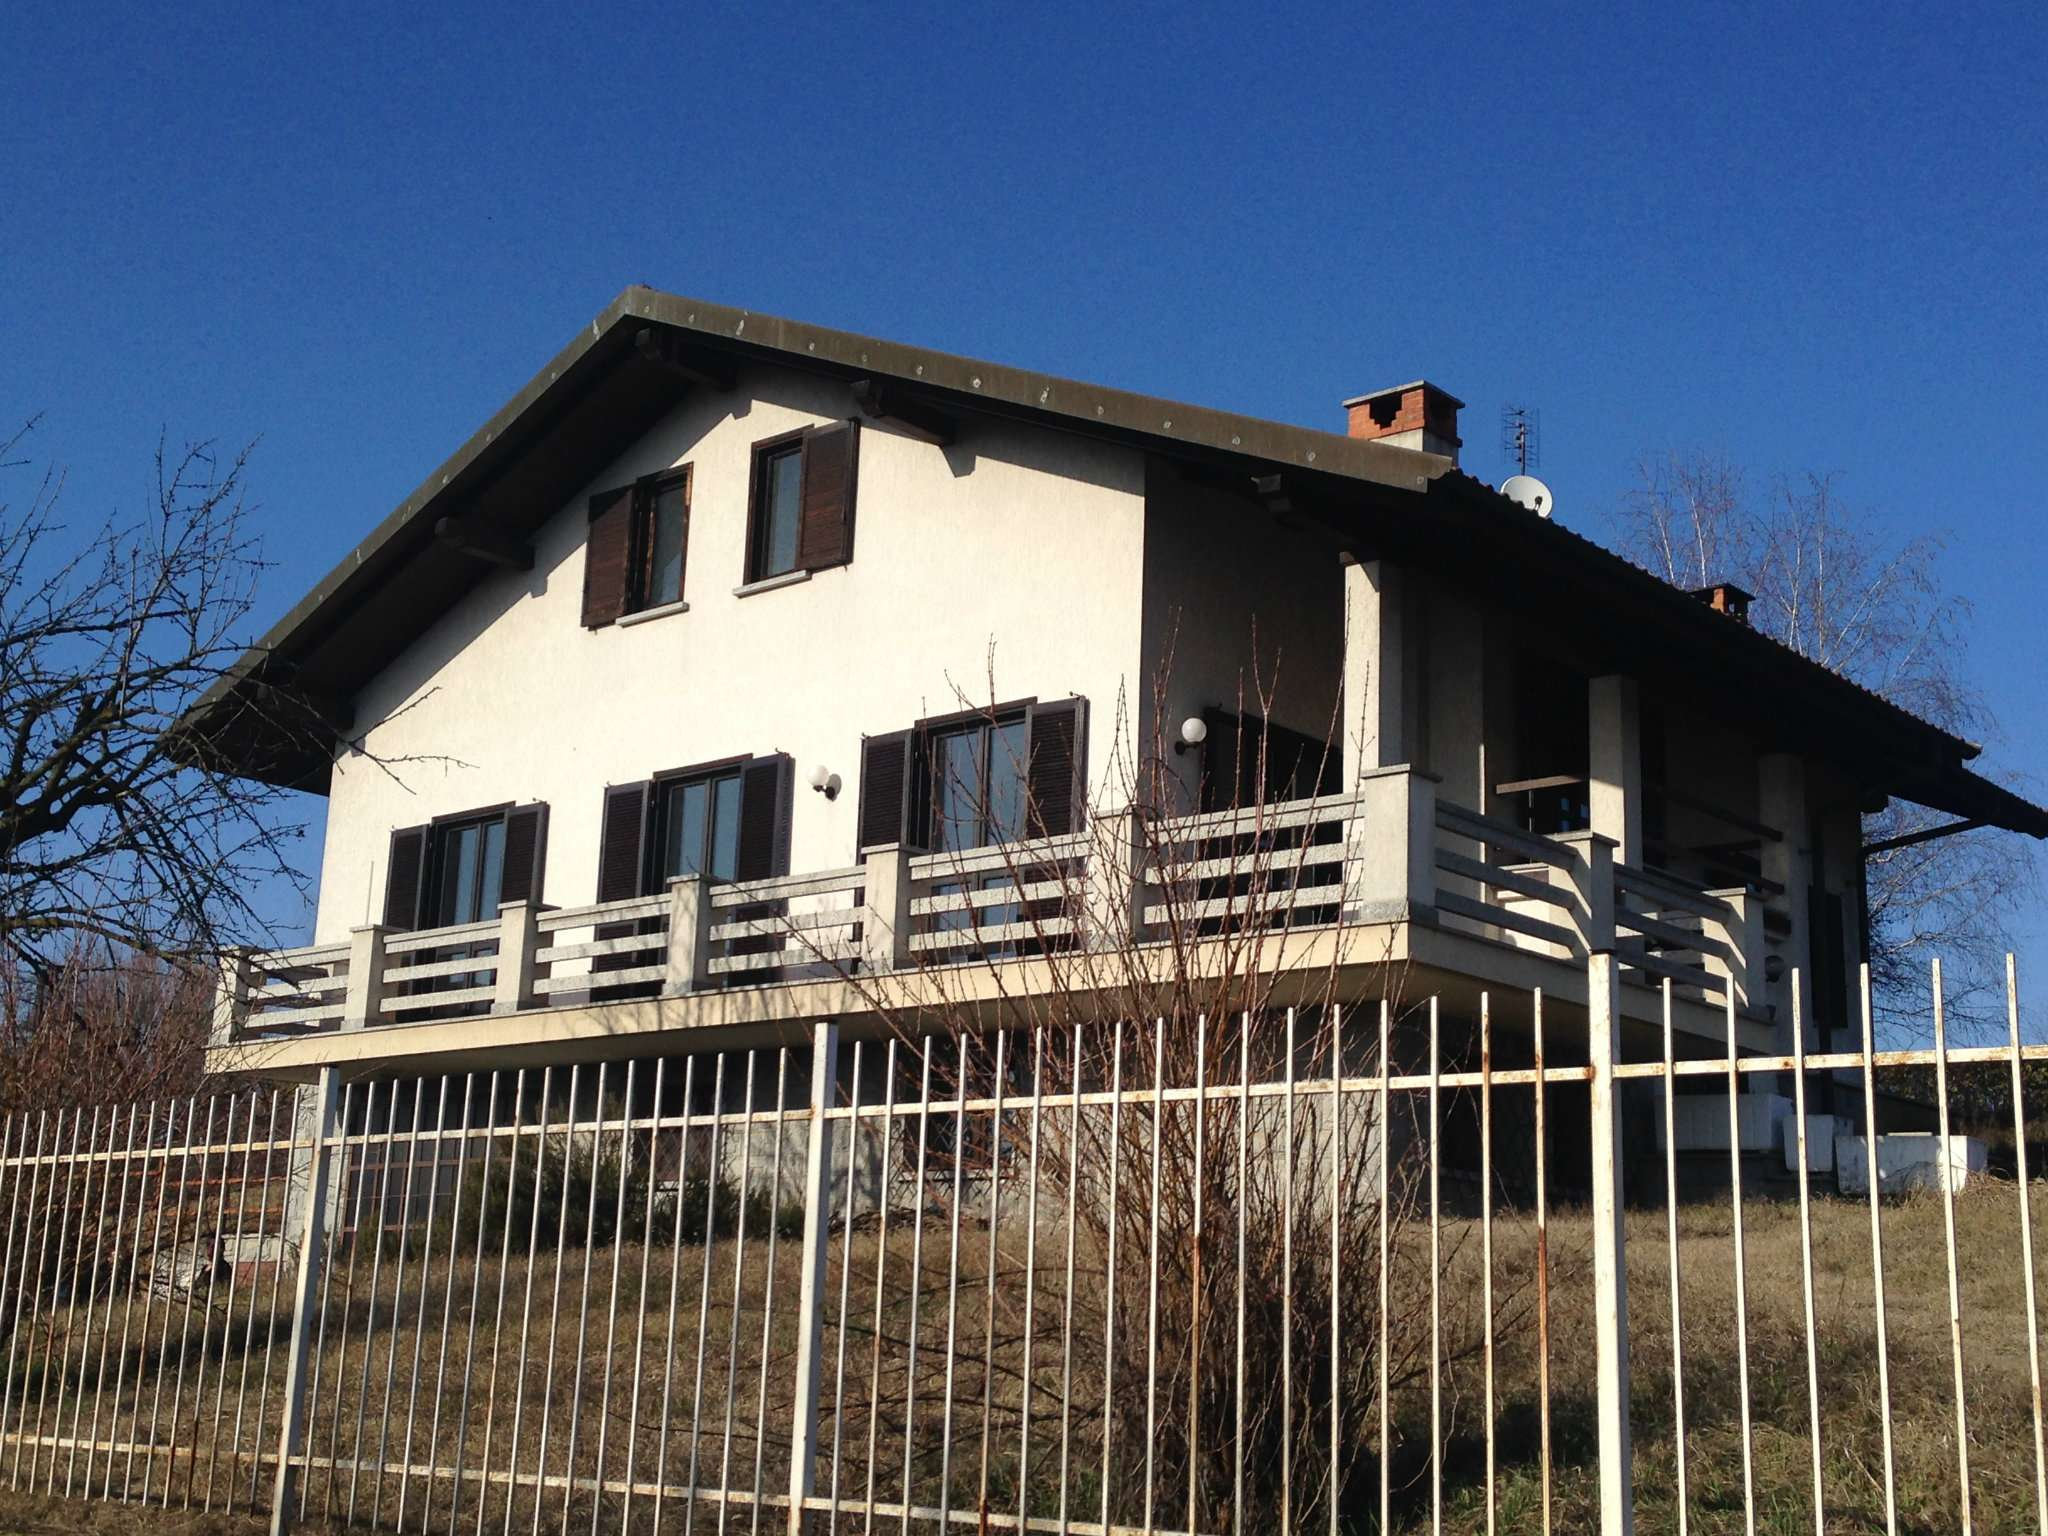 Villa in affitto a Pecetto Torinese, 8 locali, prezzo € 1.400 | CambioCasa.it